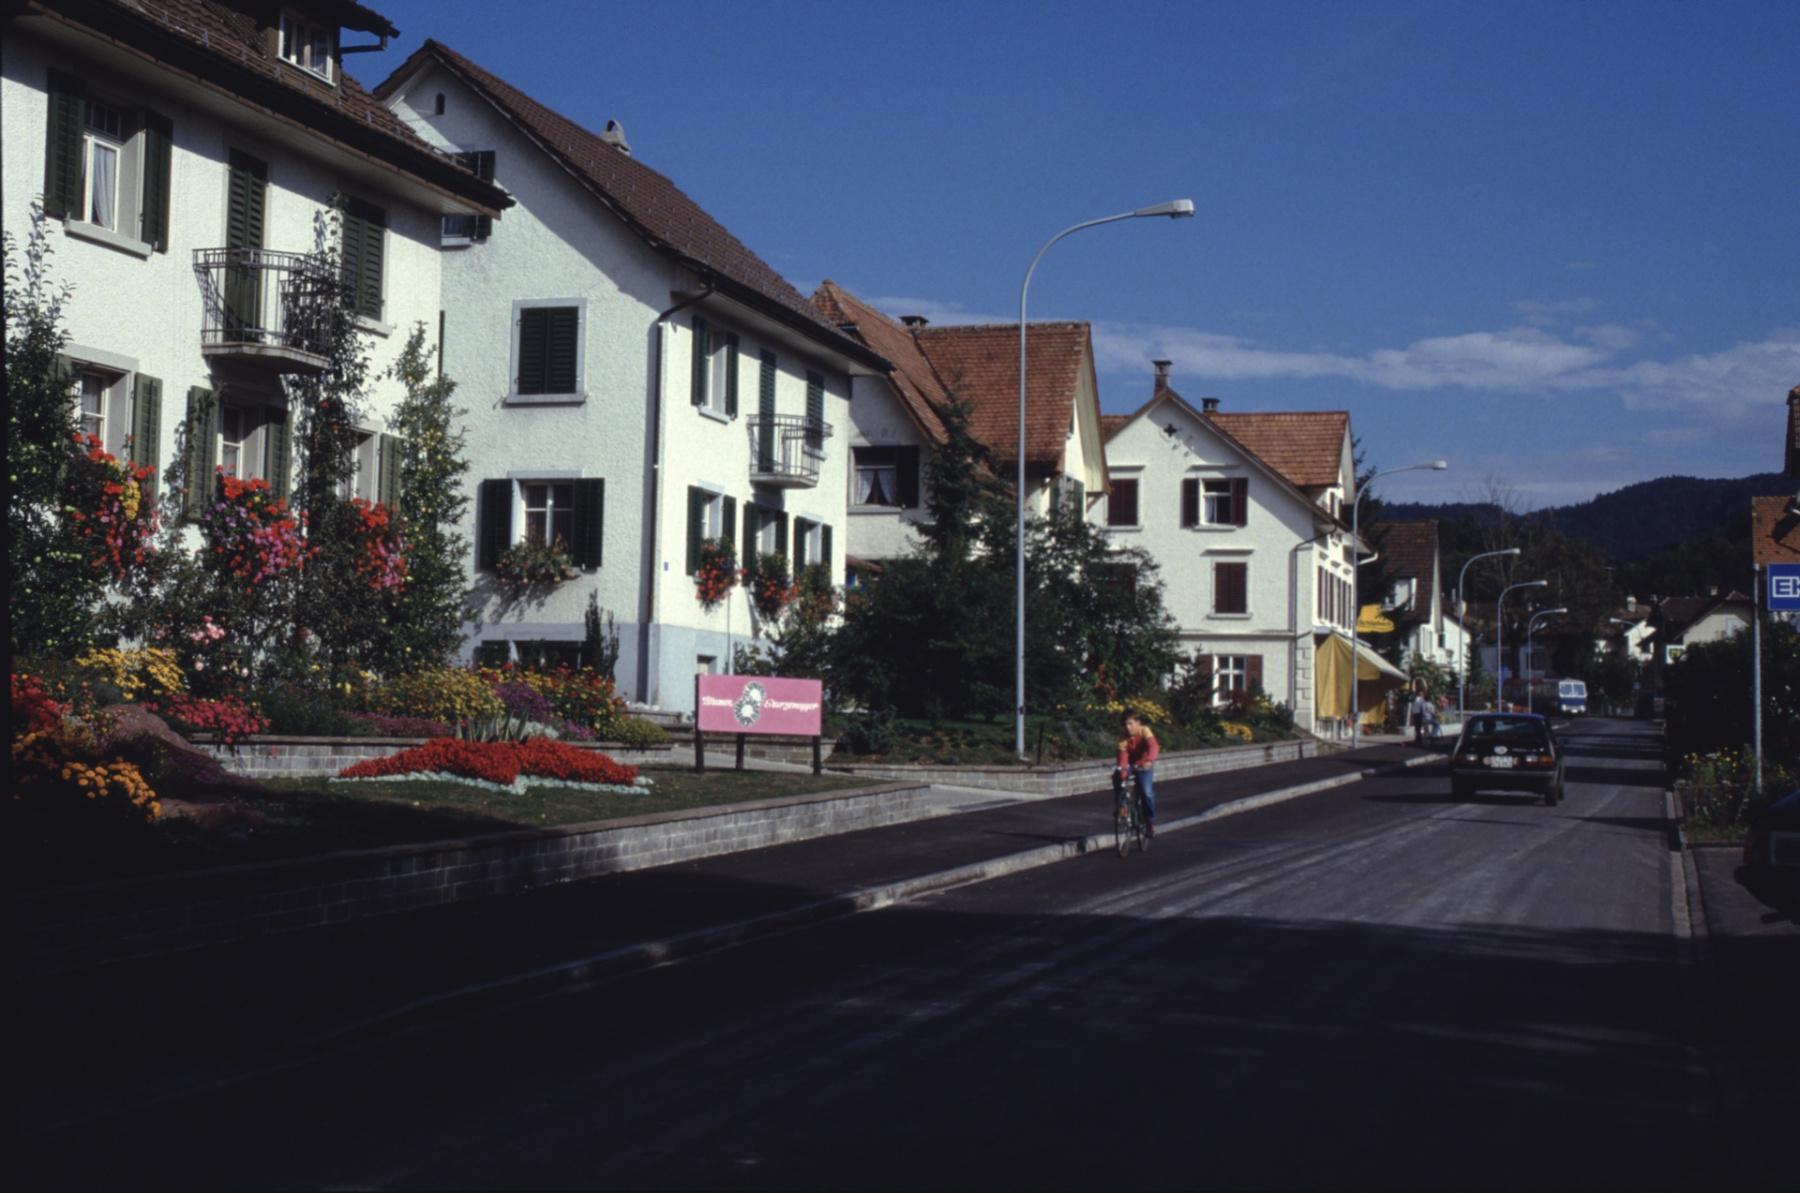 Bahnhofstr 10, Häuser A. Sturzenegger sen. jun., Th. Baumgartner